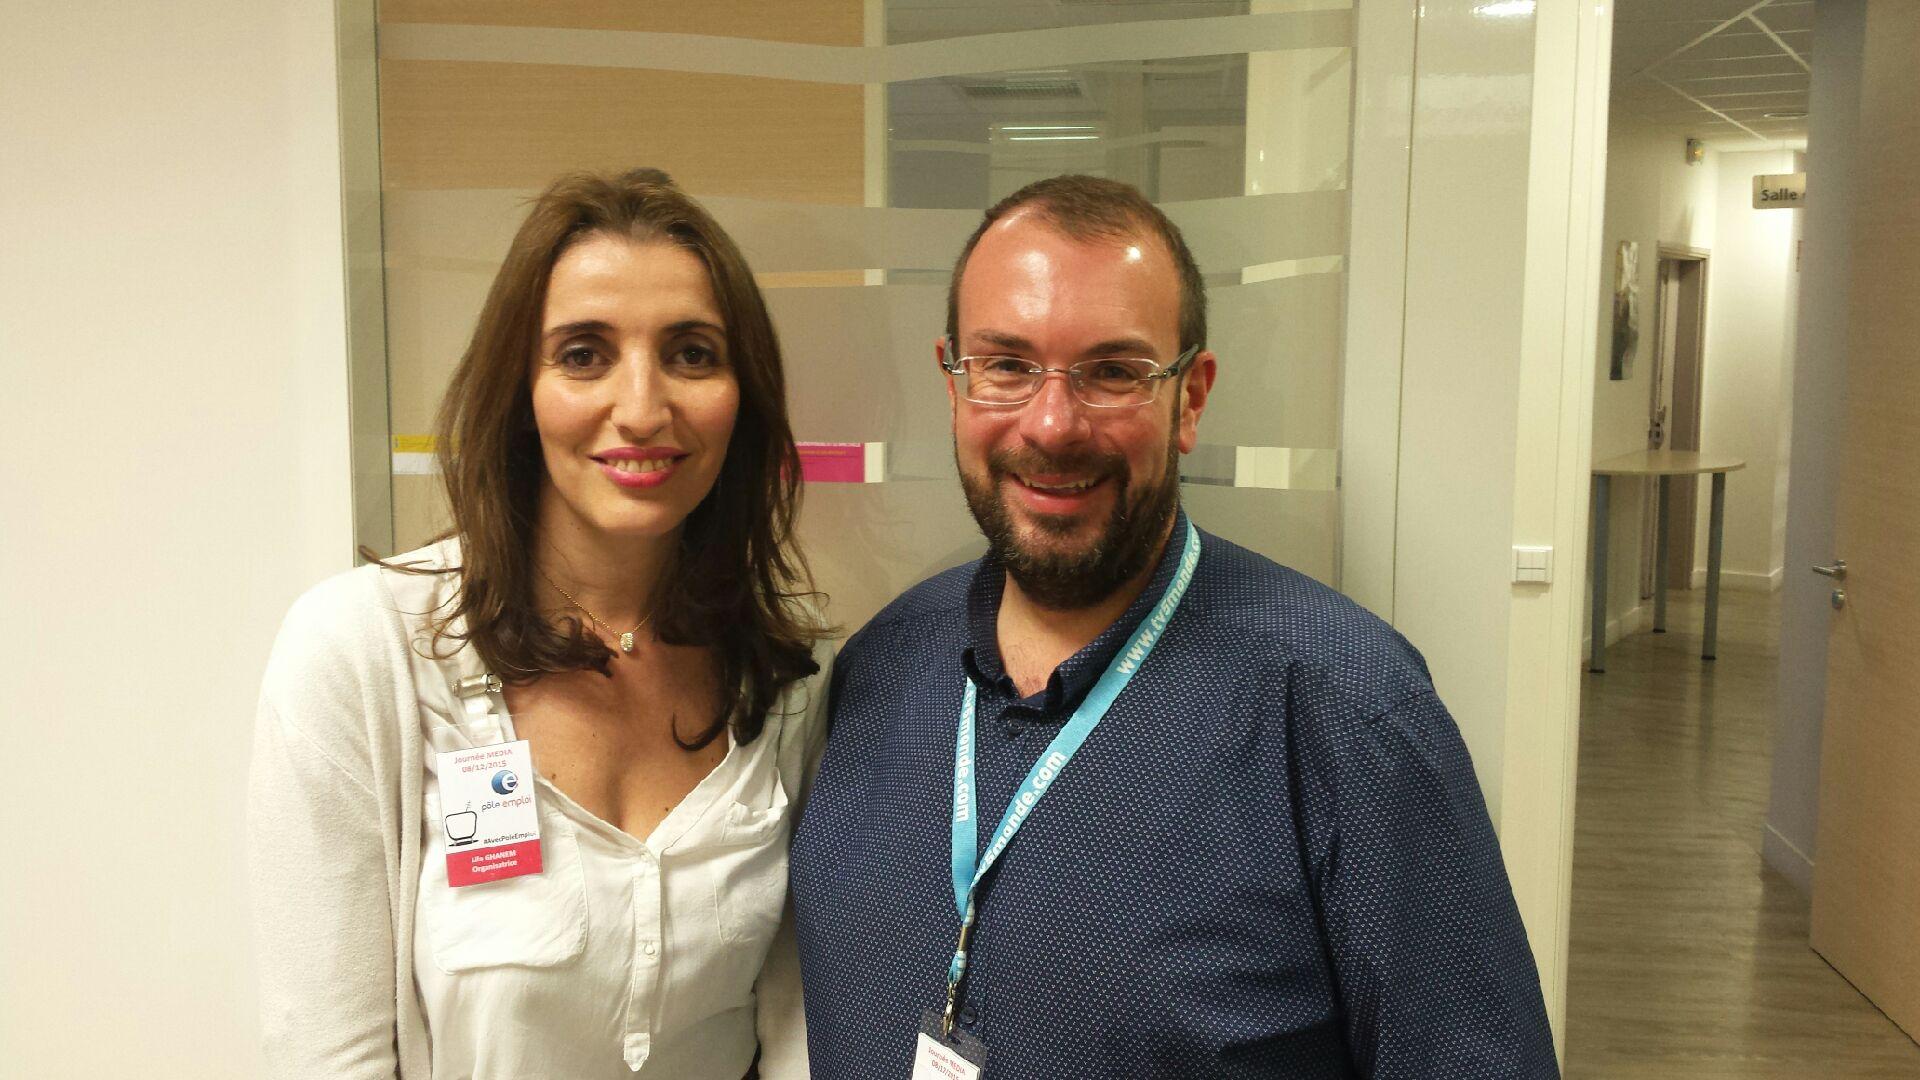 Lila Ghanem et Jason Jobert, du Pôle Emploi Audiovisuel IDF, seront présents au Salon de la Radio pour rencontrer les visiteurs